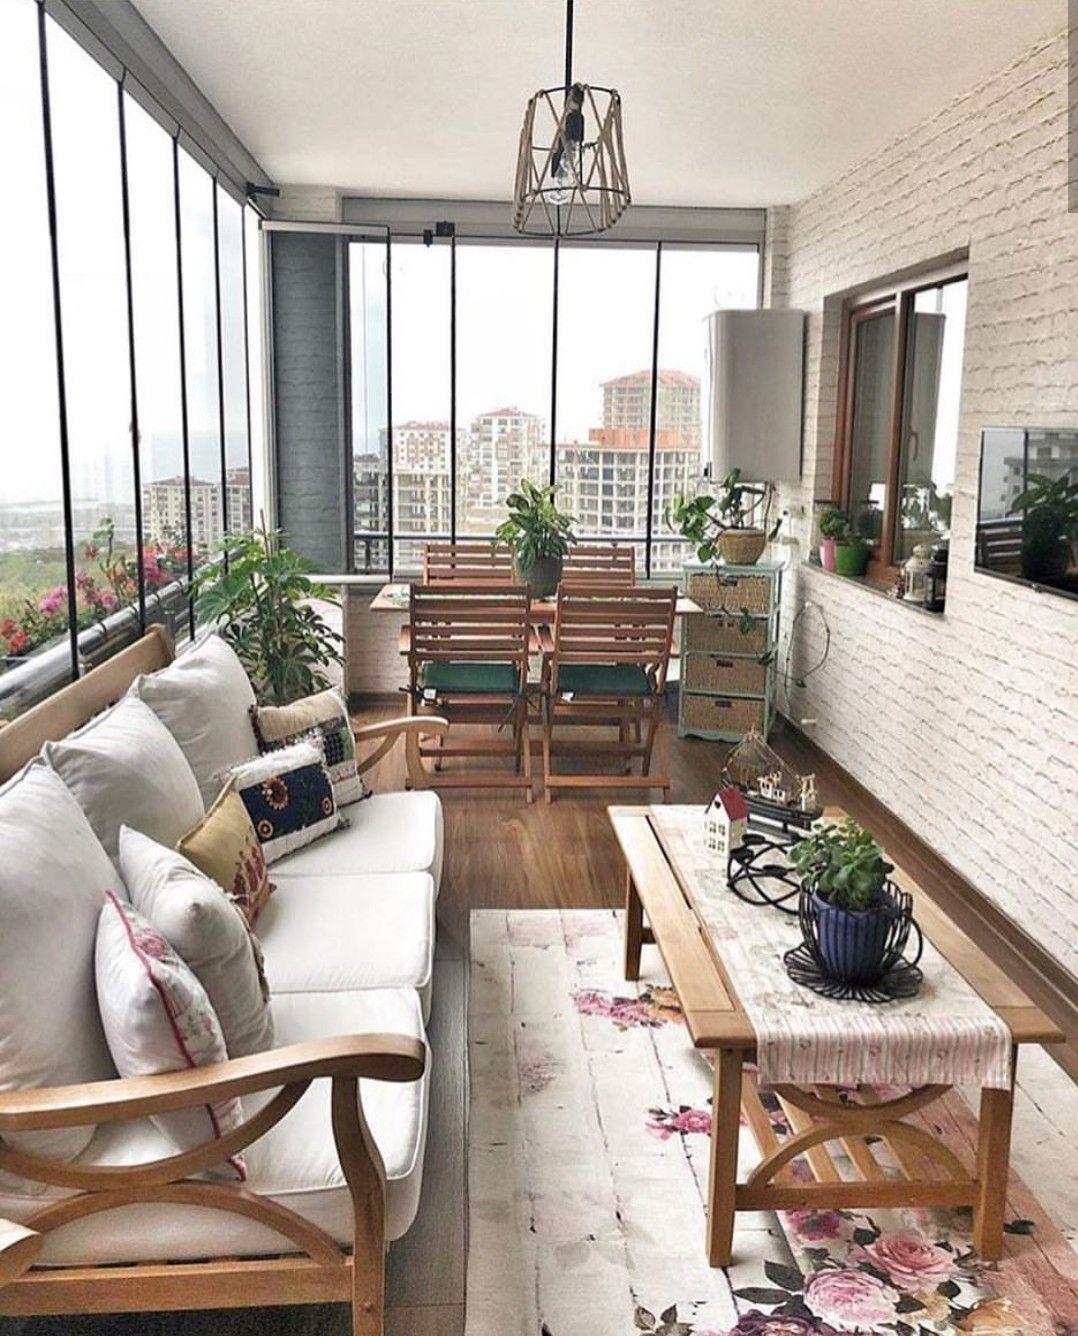 Melda S Little World Adli Kullanicinin Balkon Teras Bahce Dekorasyon Balcony Terrace Garden Decoration Panosundaki Pin Ev Yapimi Ev Dekoru Ev Bahcesi Tasarimi Bohem Oturma Odalari